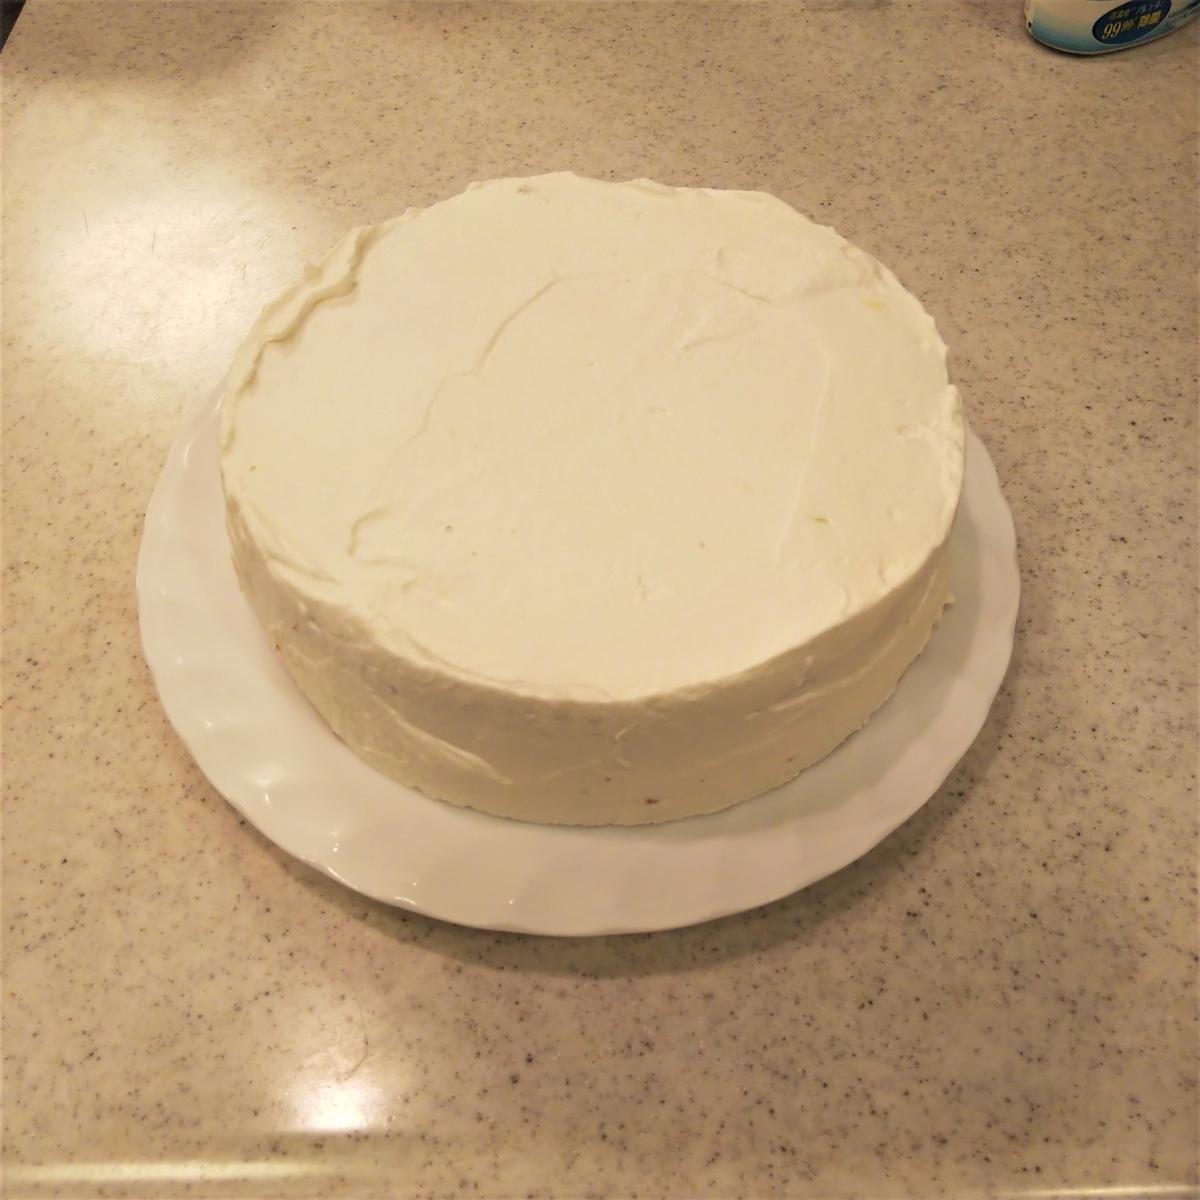 キャラケーキを作ってみた⑦ ケーキをナッペしておく